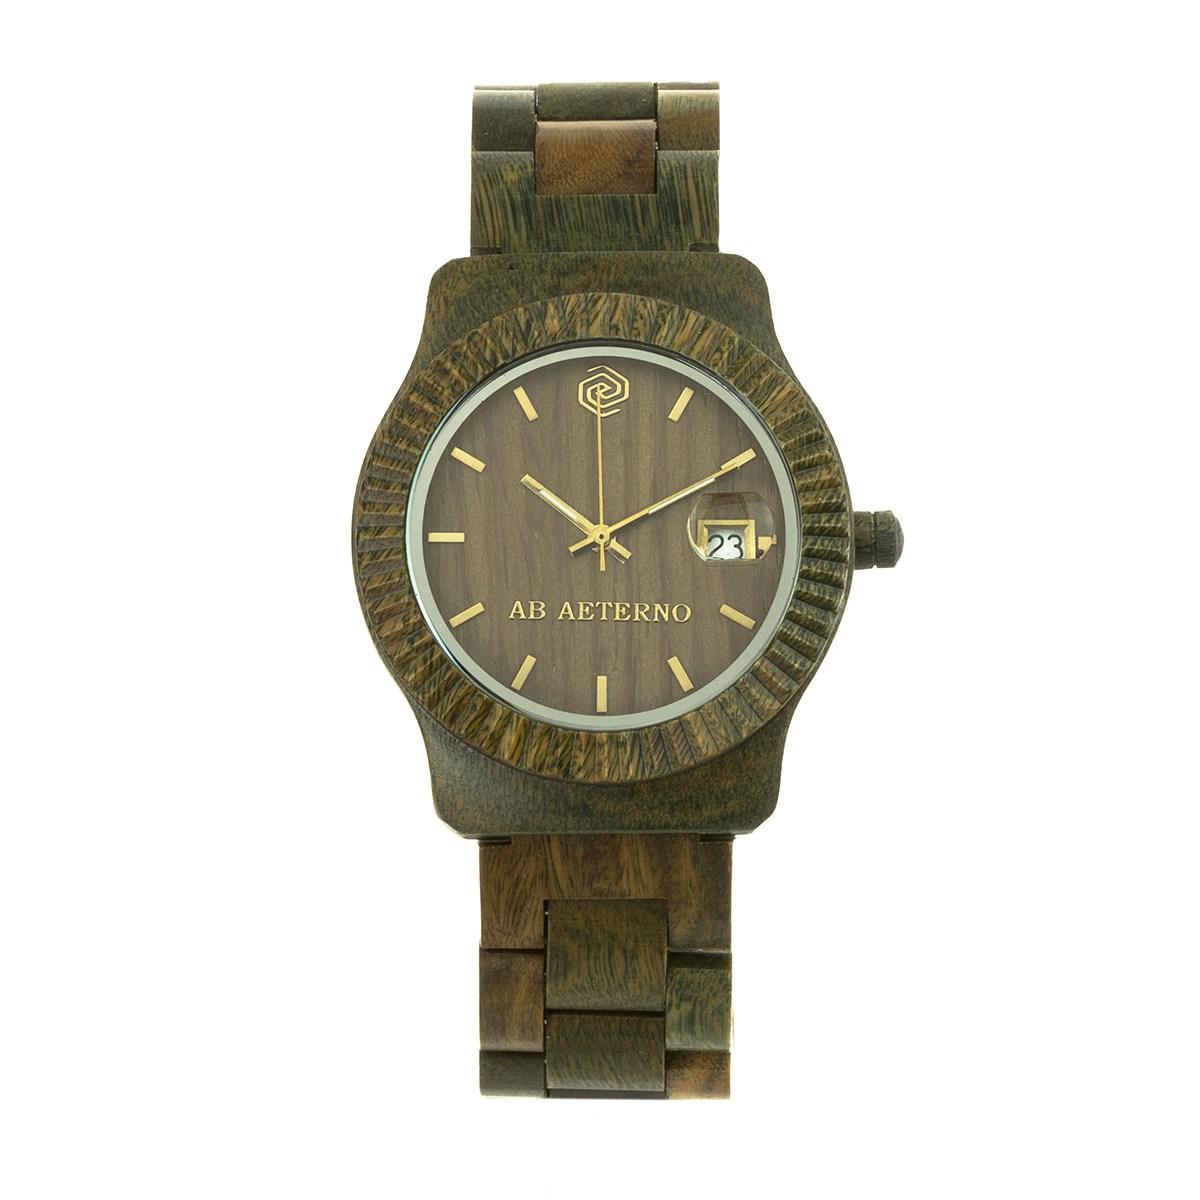 orologio in legno ab aeterno naturale vegan